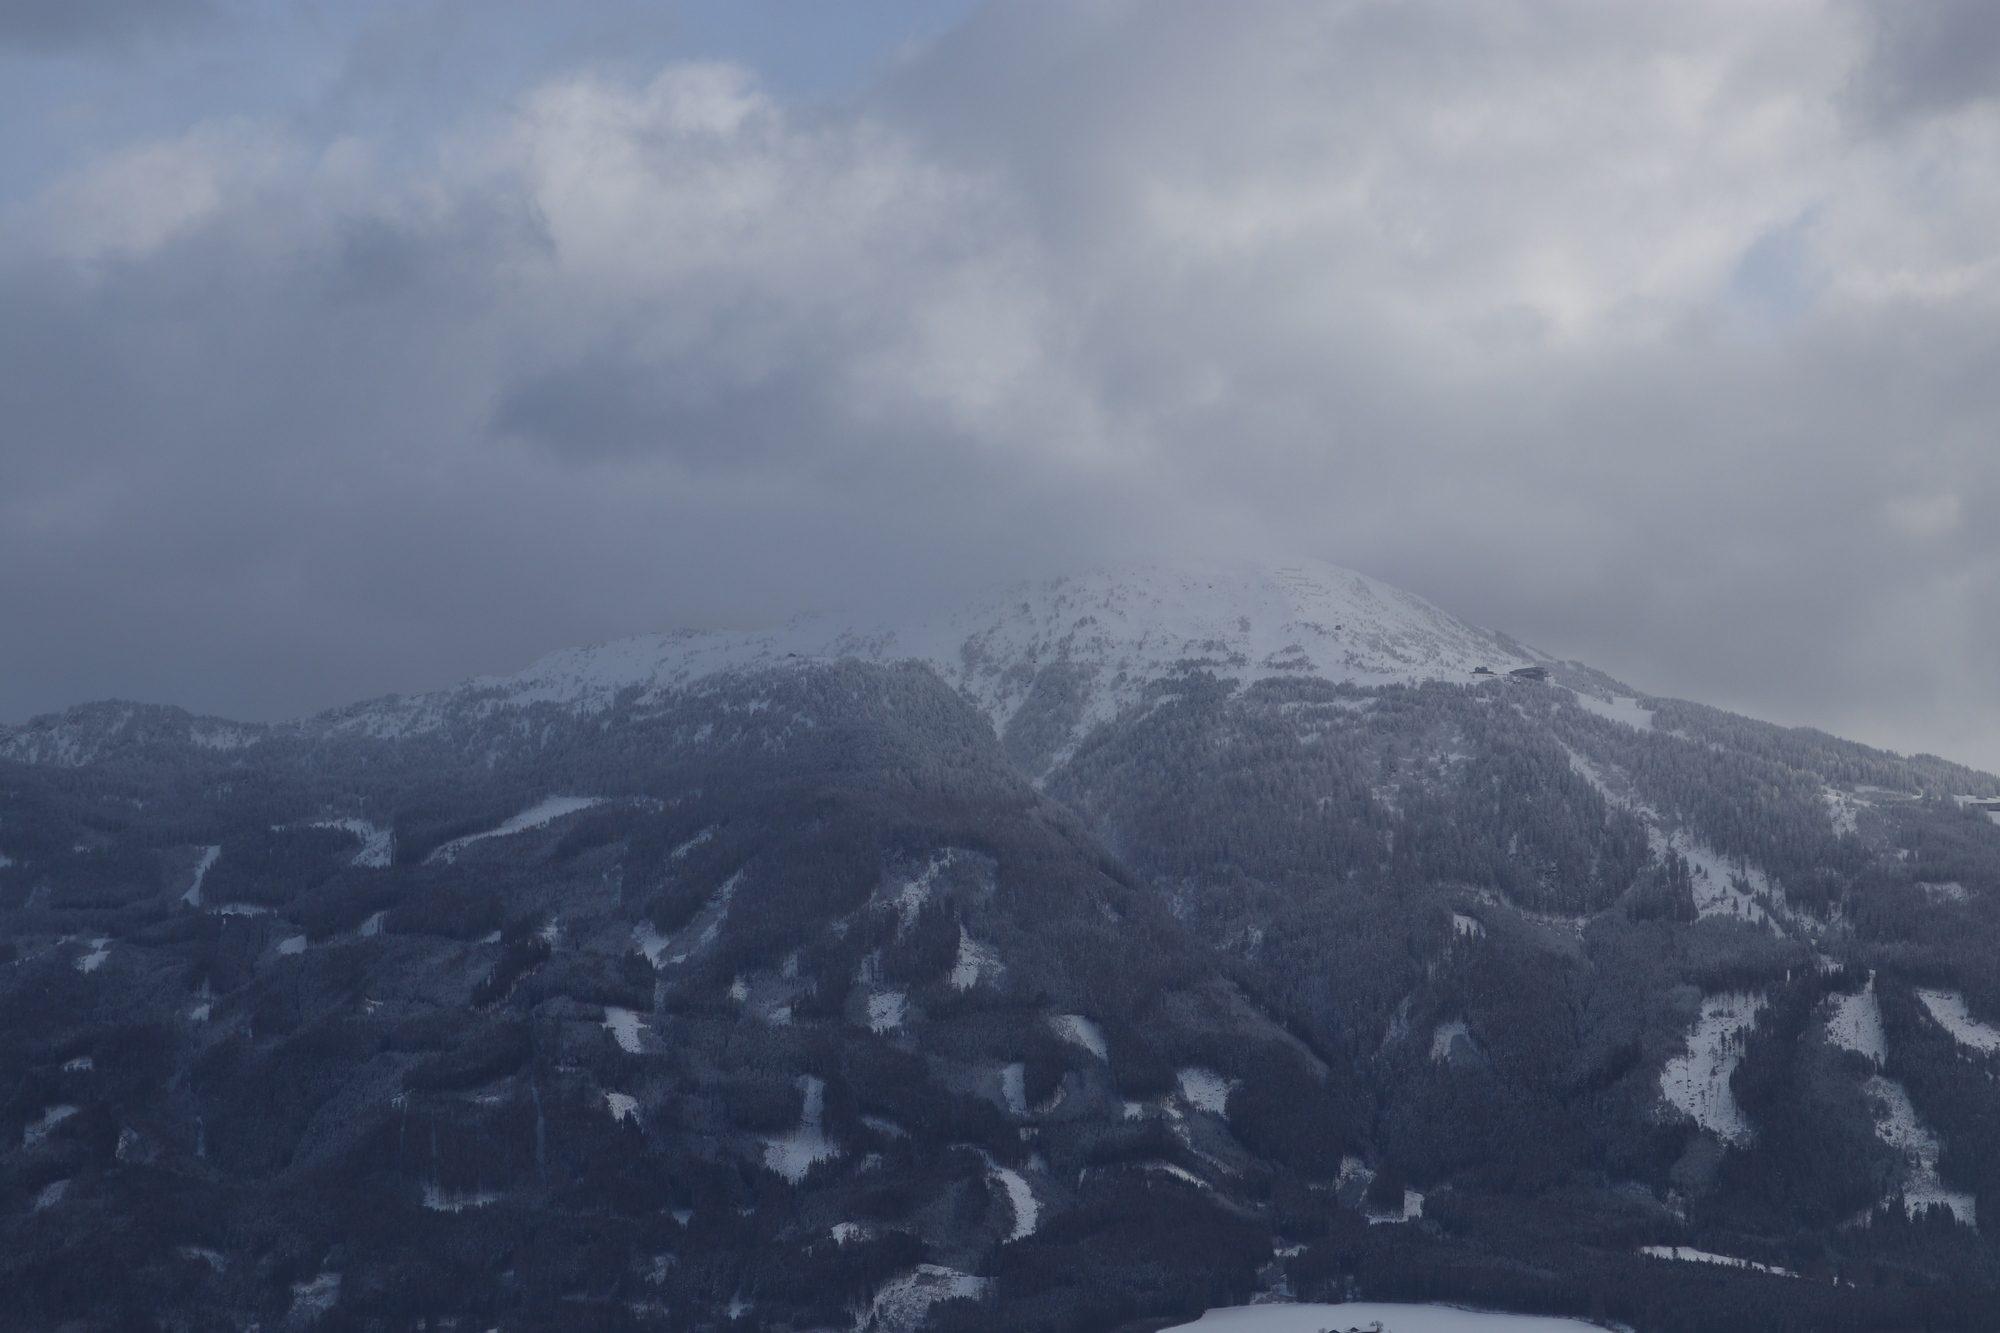 Aussicht auf die Berge vom Alpenzoo Innsbruck aus